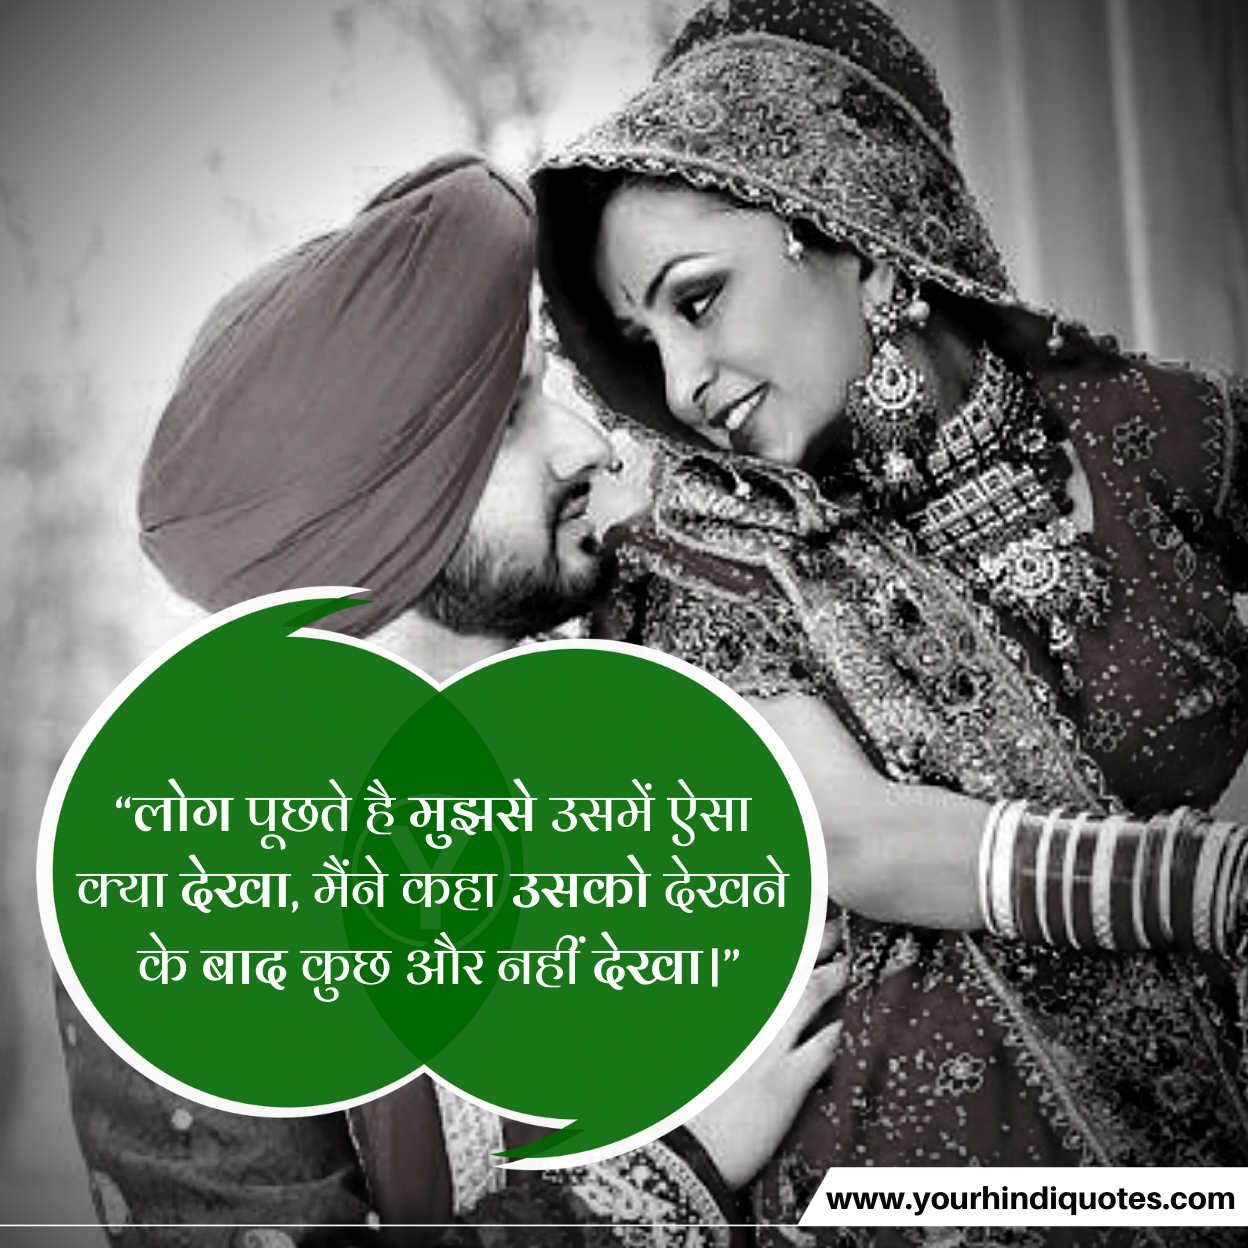 Love Hindi WhatsApp Status Photos